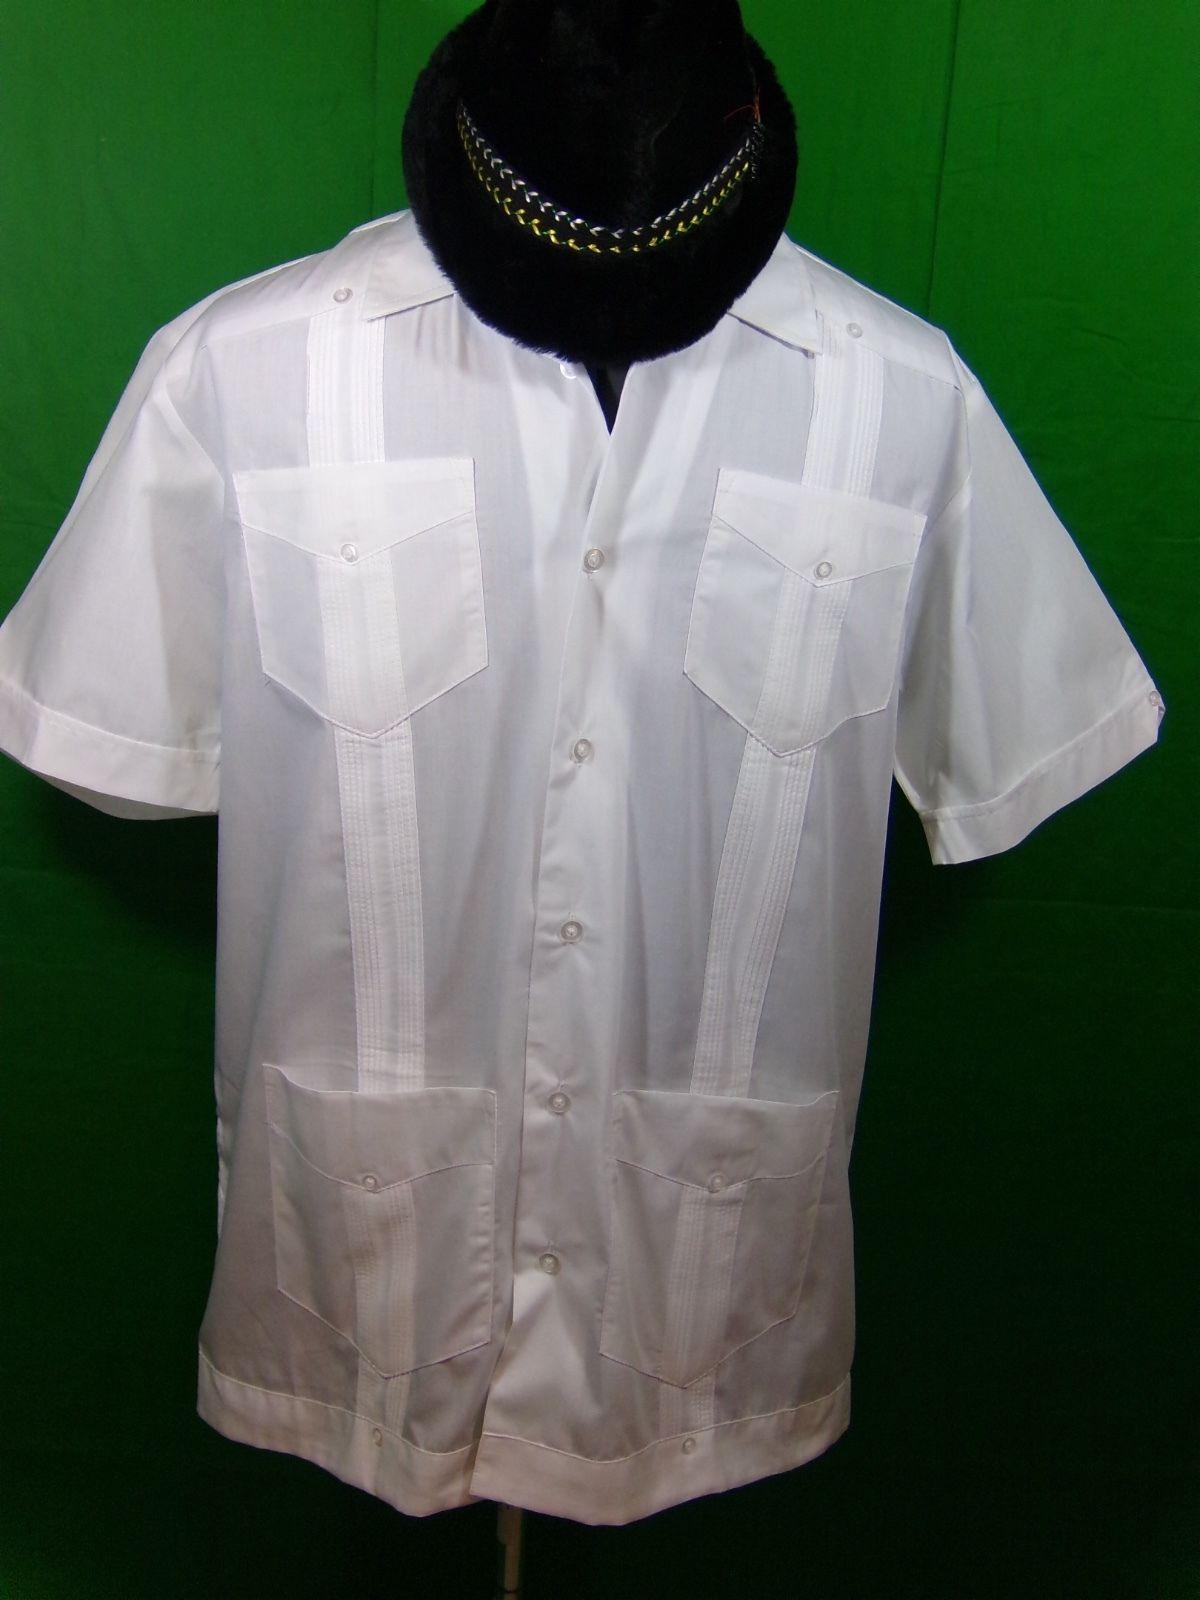 1bf59fff Men's Cafe Luna White Cuban Havana Summer 4 Pocket Short Sleeve Shirt Size  Med | eBay